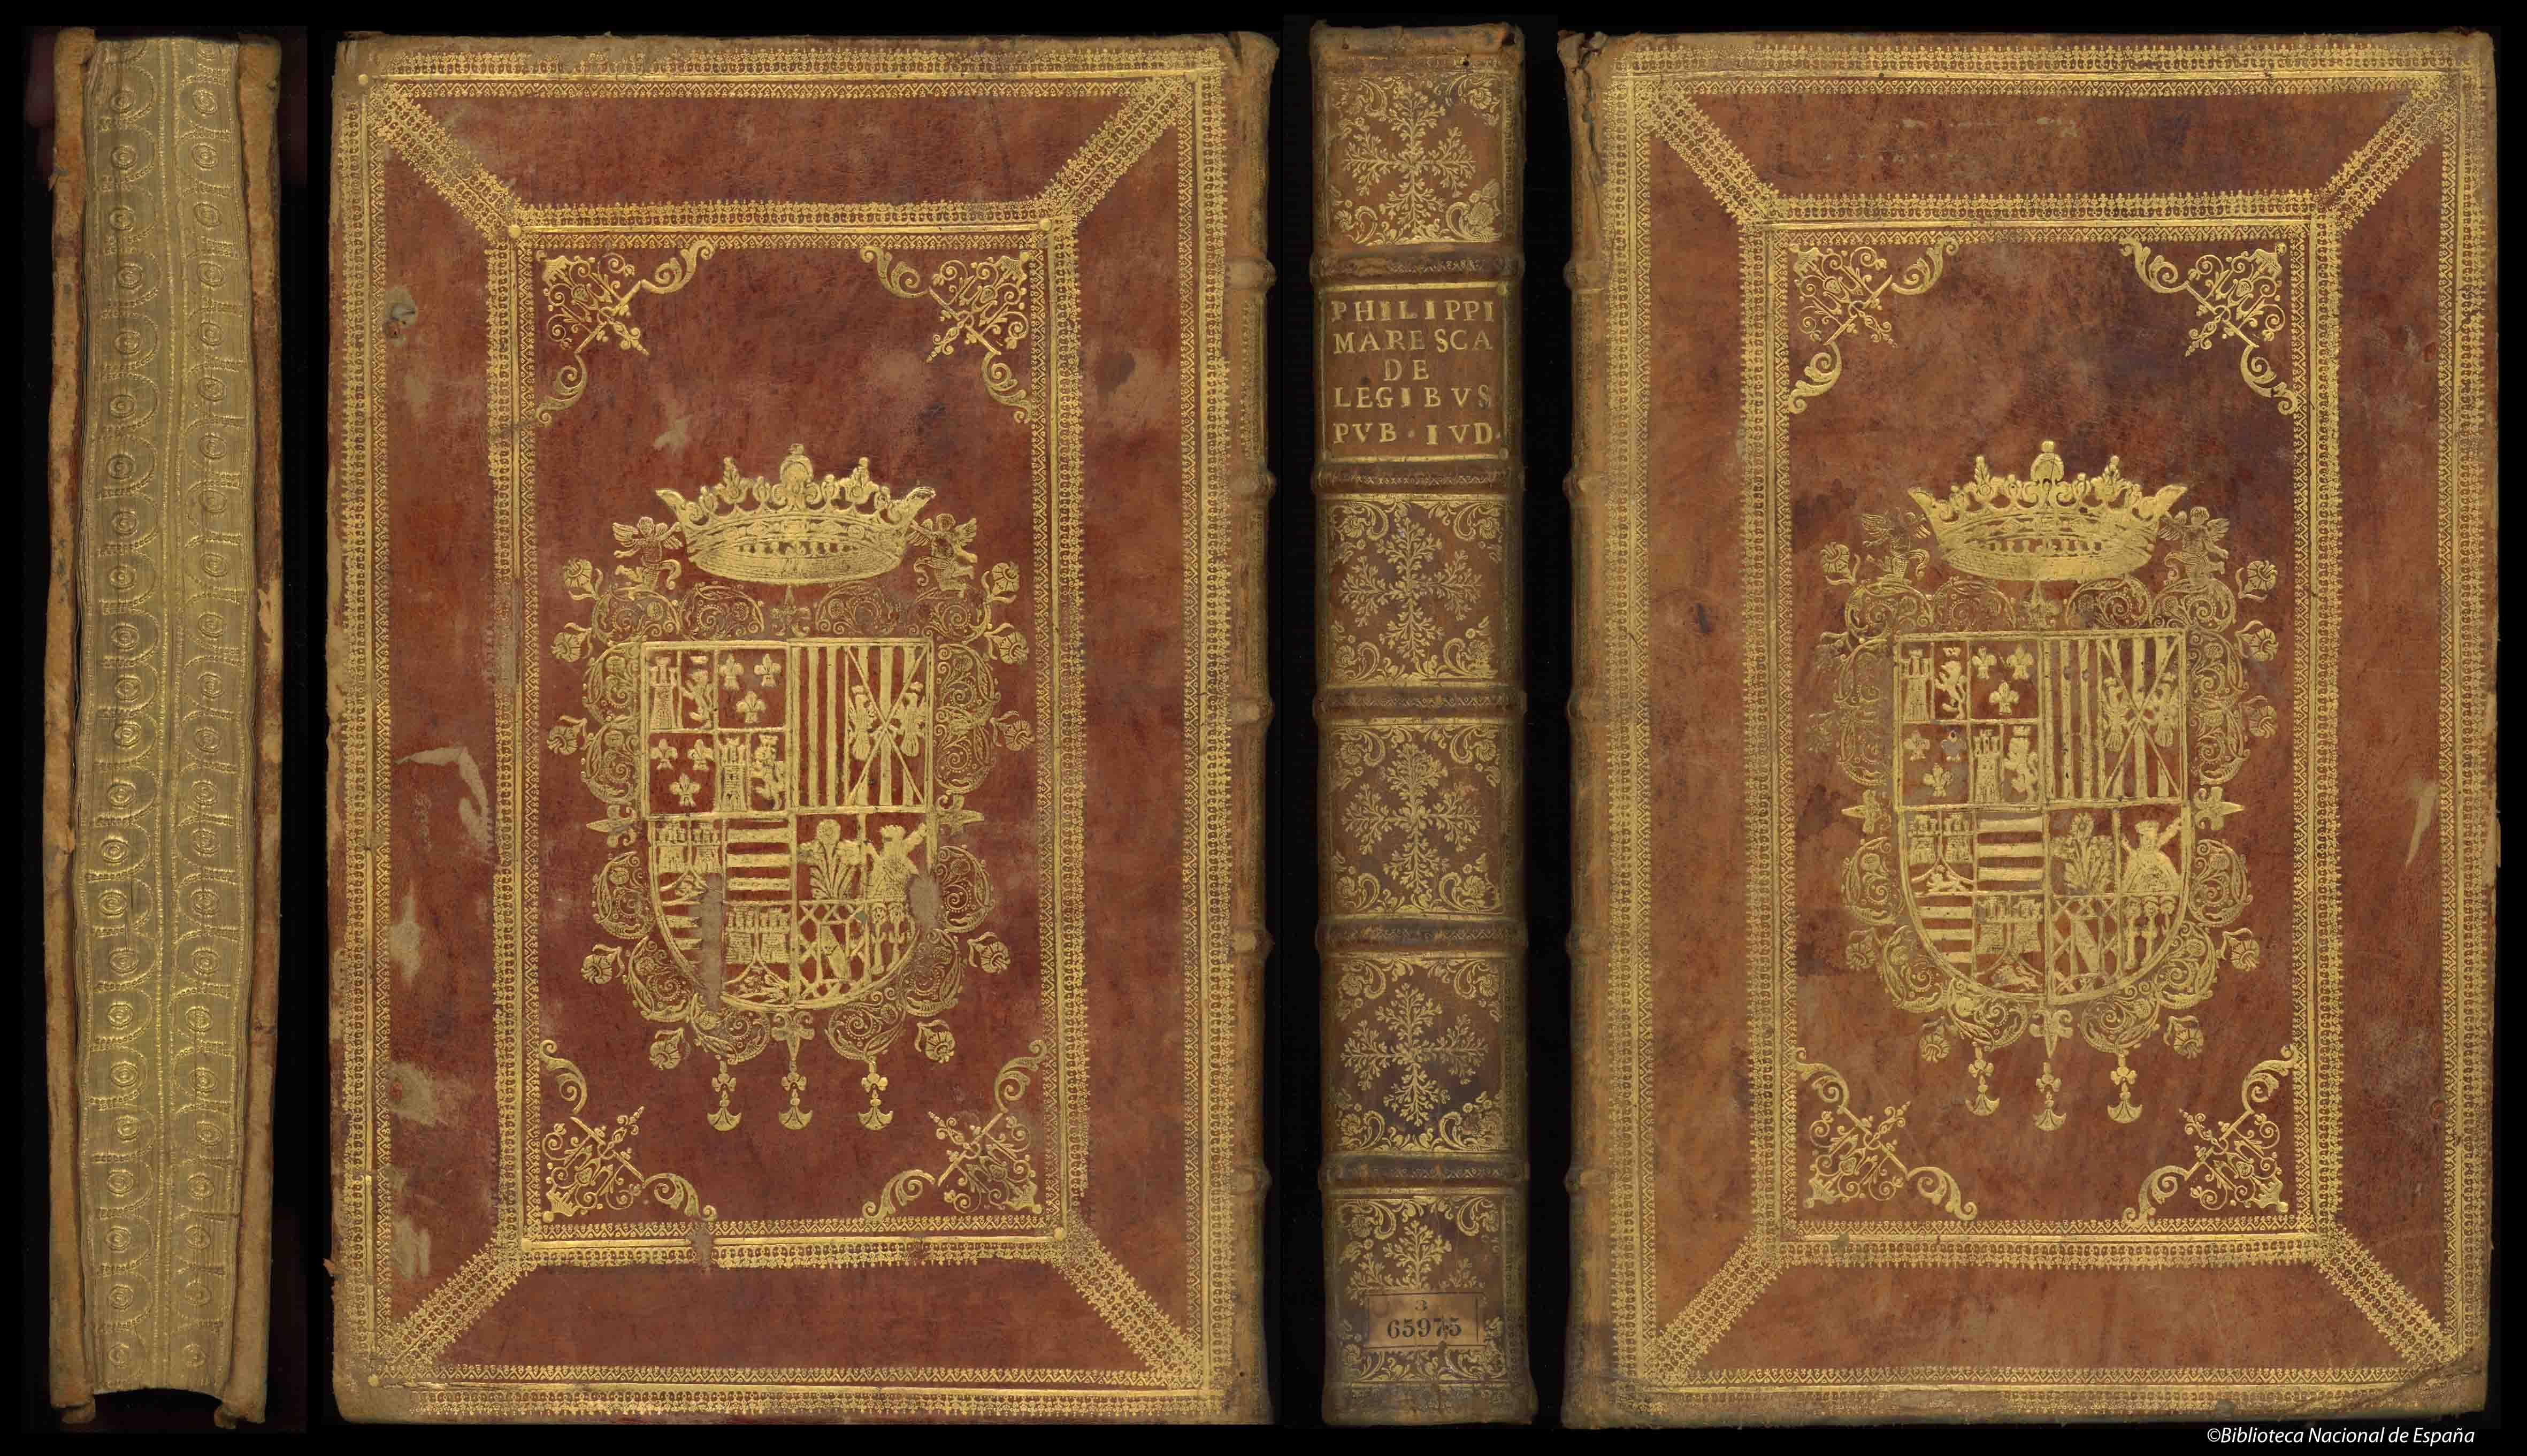 Encuadernación en piel avellana con hierros dorados en ambos planos y supralibros central del IX Duque de Medinaceli; lomo cuajado y cortes dorados y cincelados; guardas de papel al agua